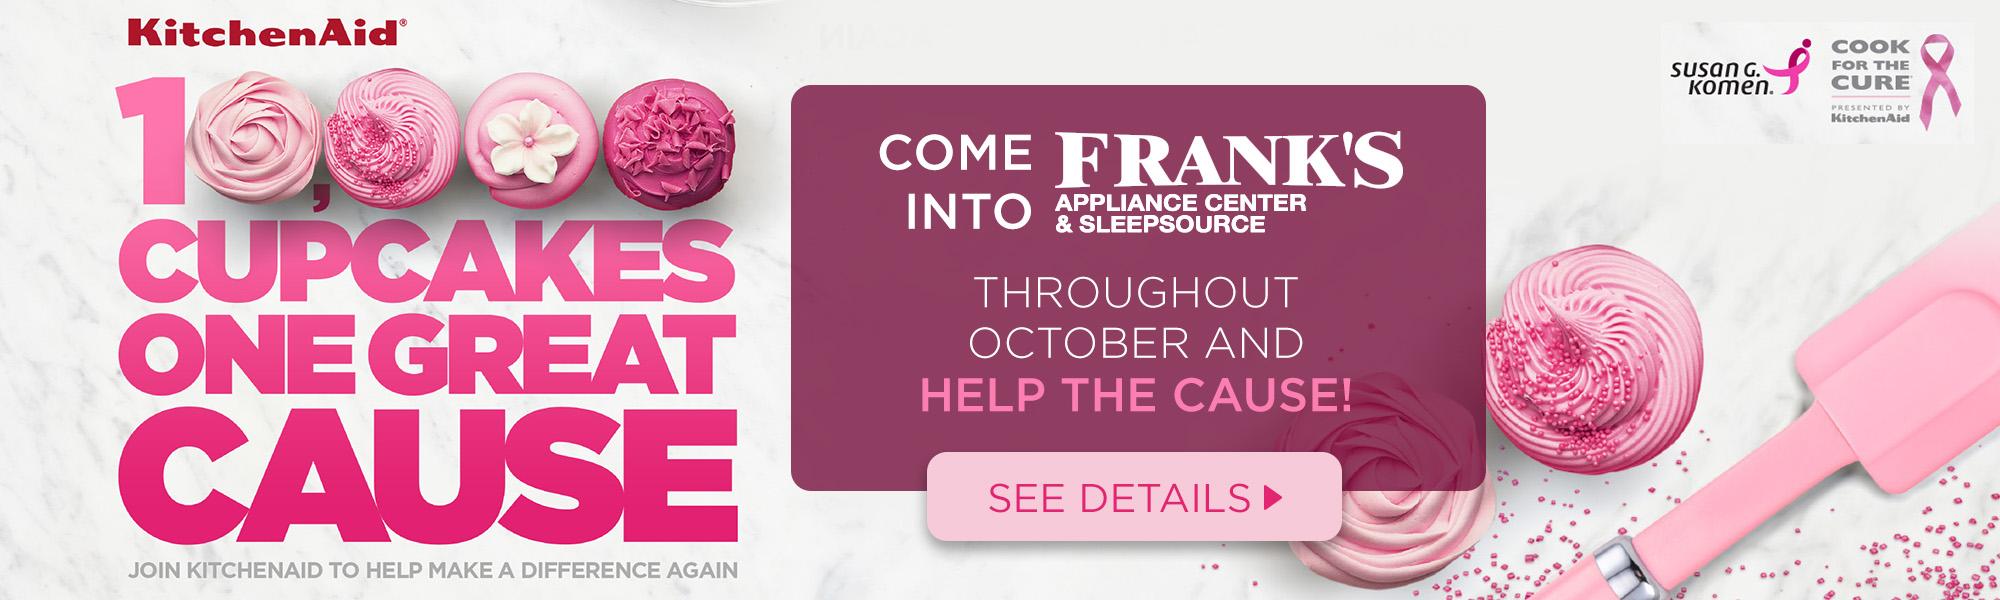 kfra1 franks kitchenaid cupcakes slider banner